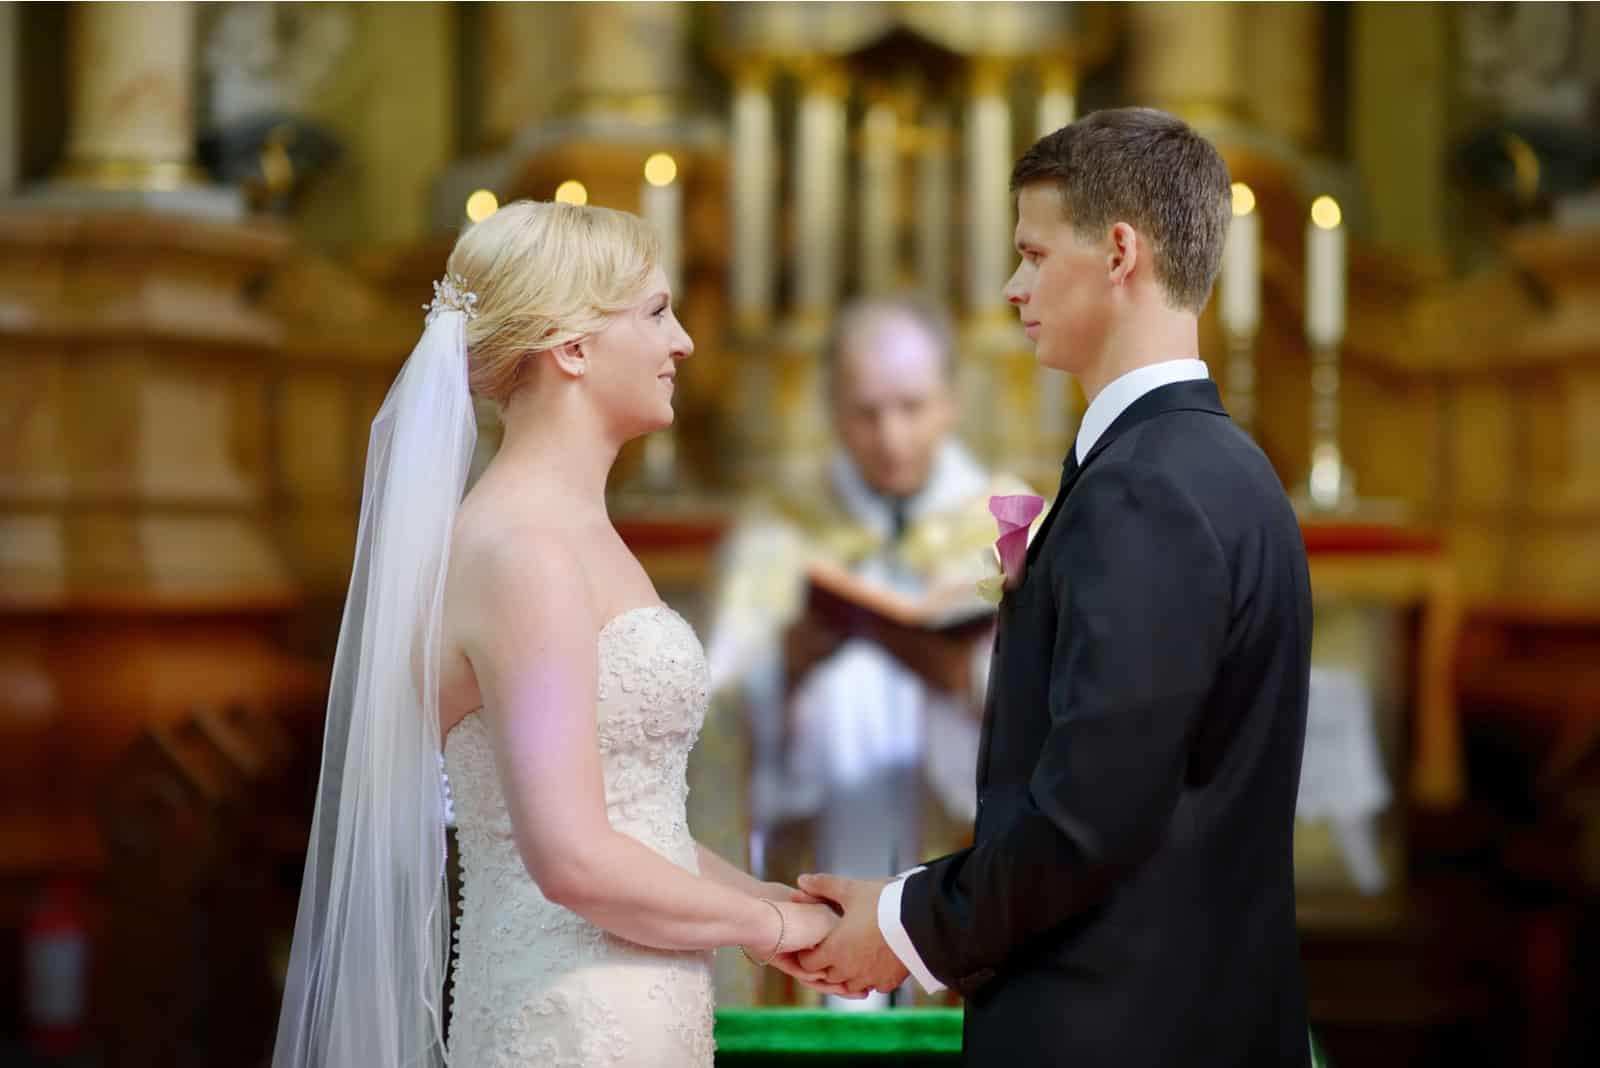 un homme et une femme à un mariage à l'église